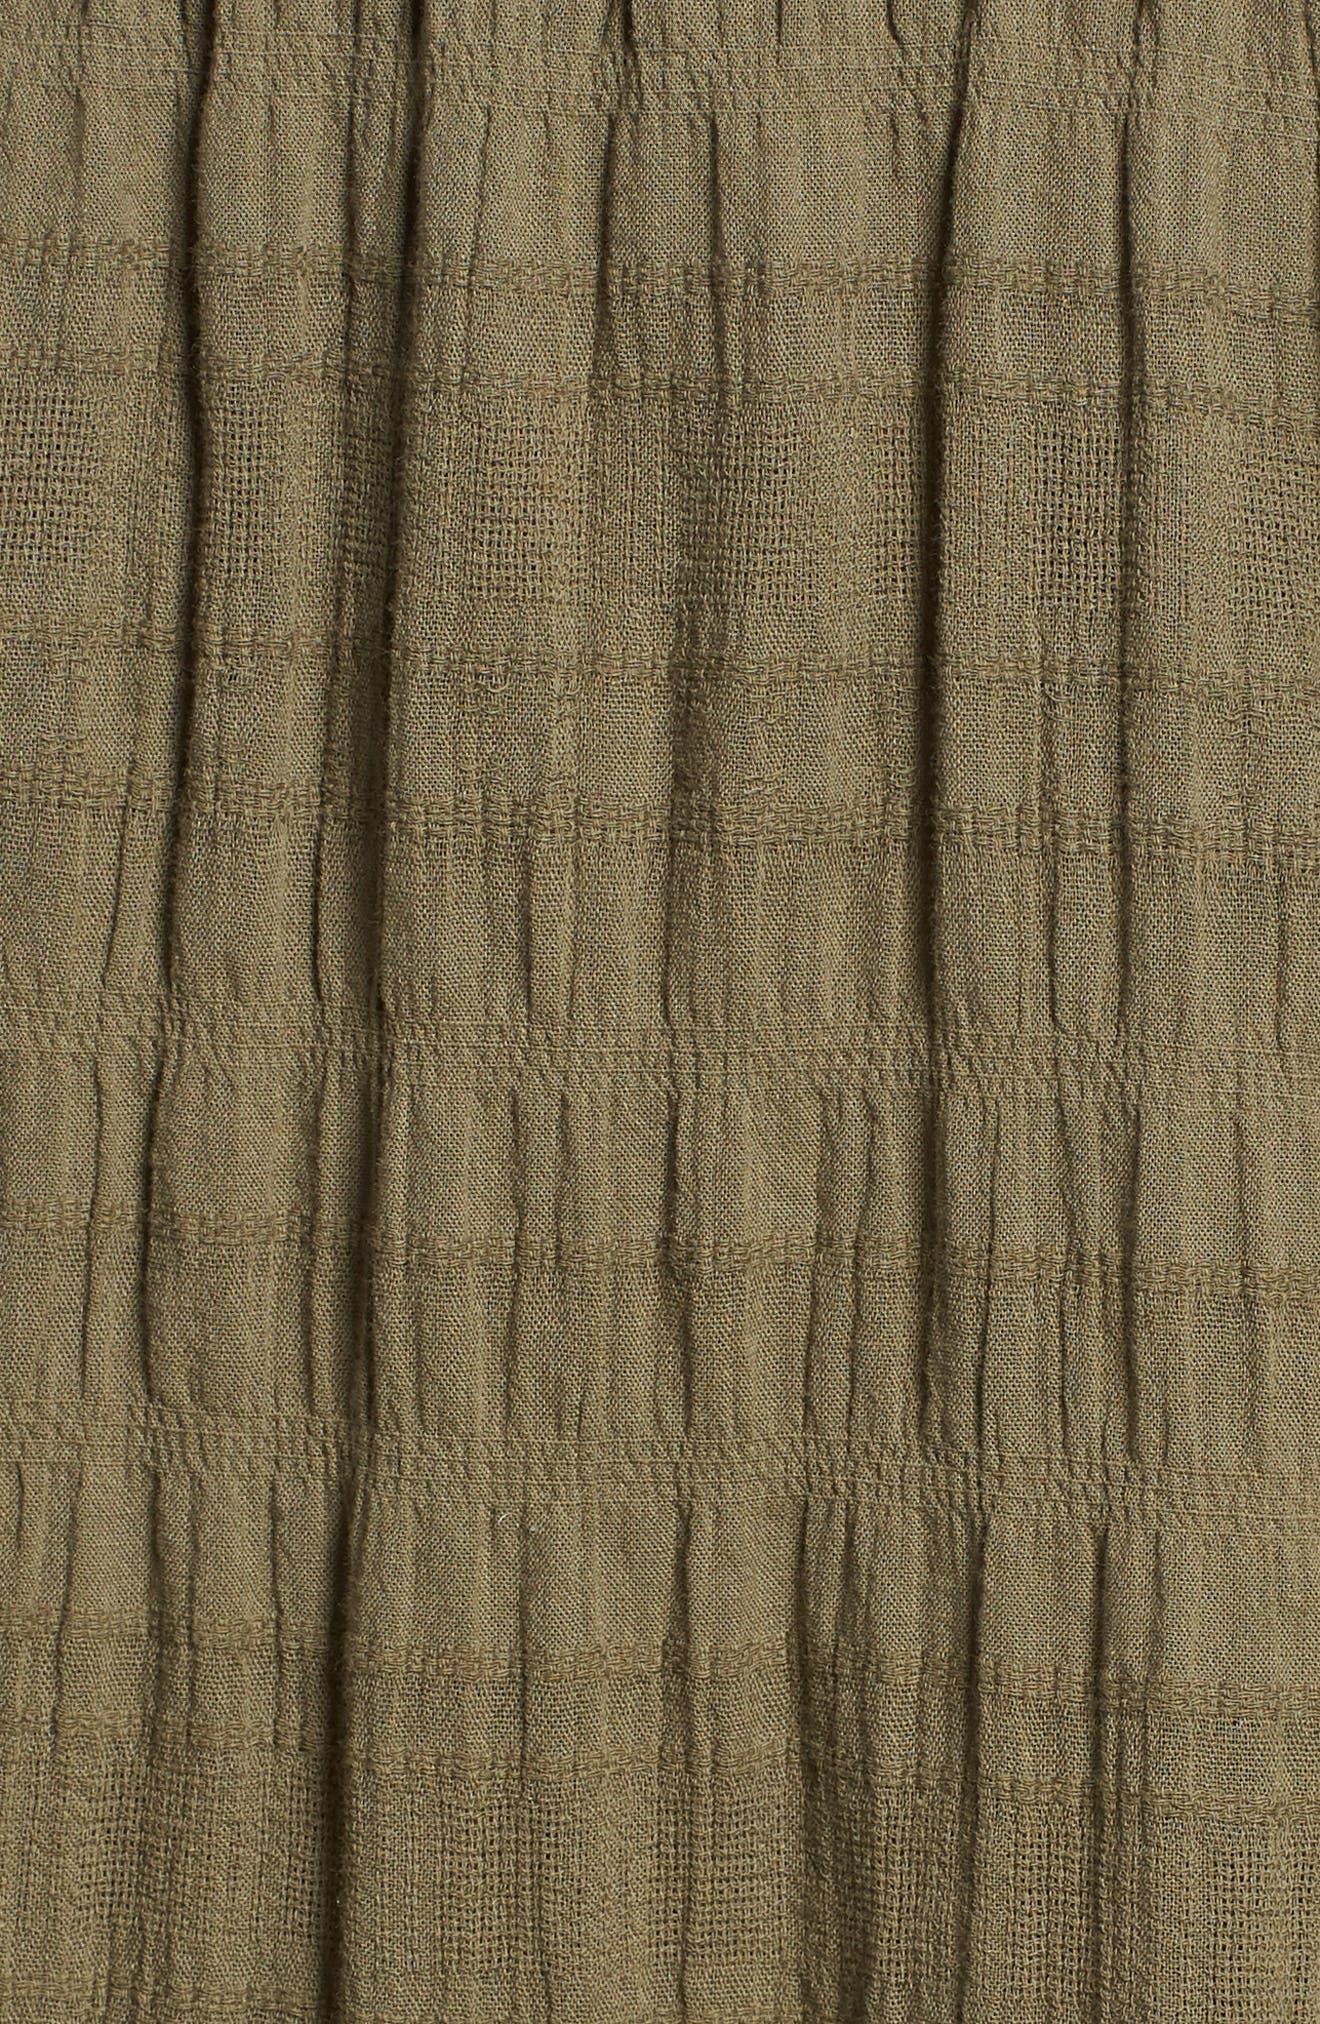 Smocked Stretch Cotton Mini Skirt,                             Alternate thumbnail 4, color,                             Olive Kalamata